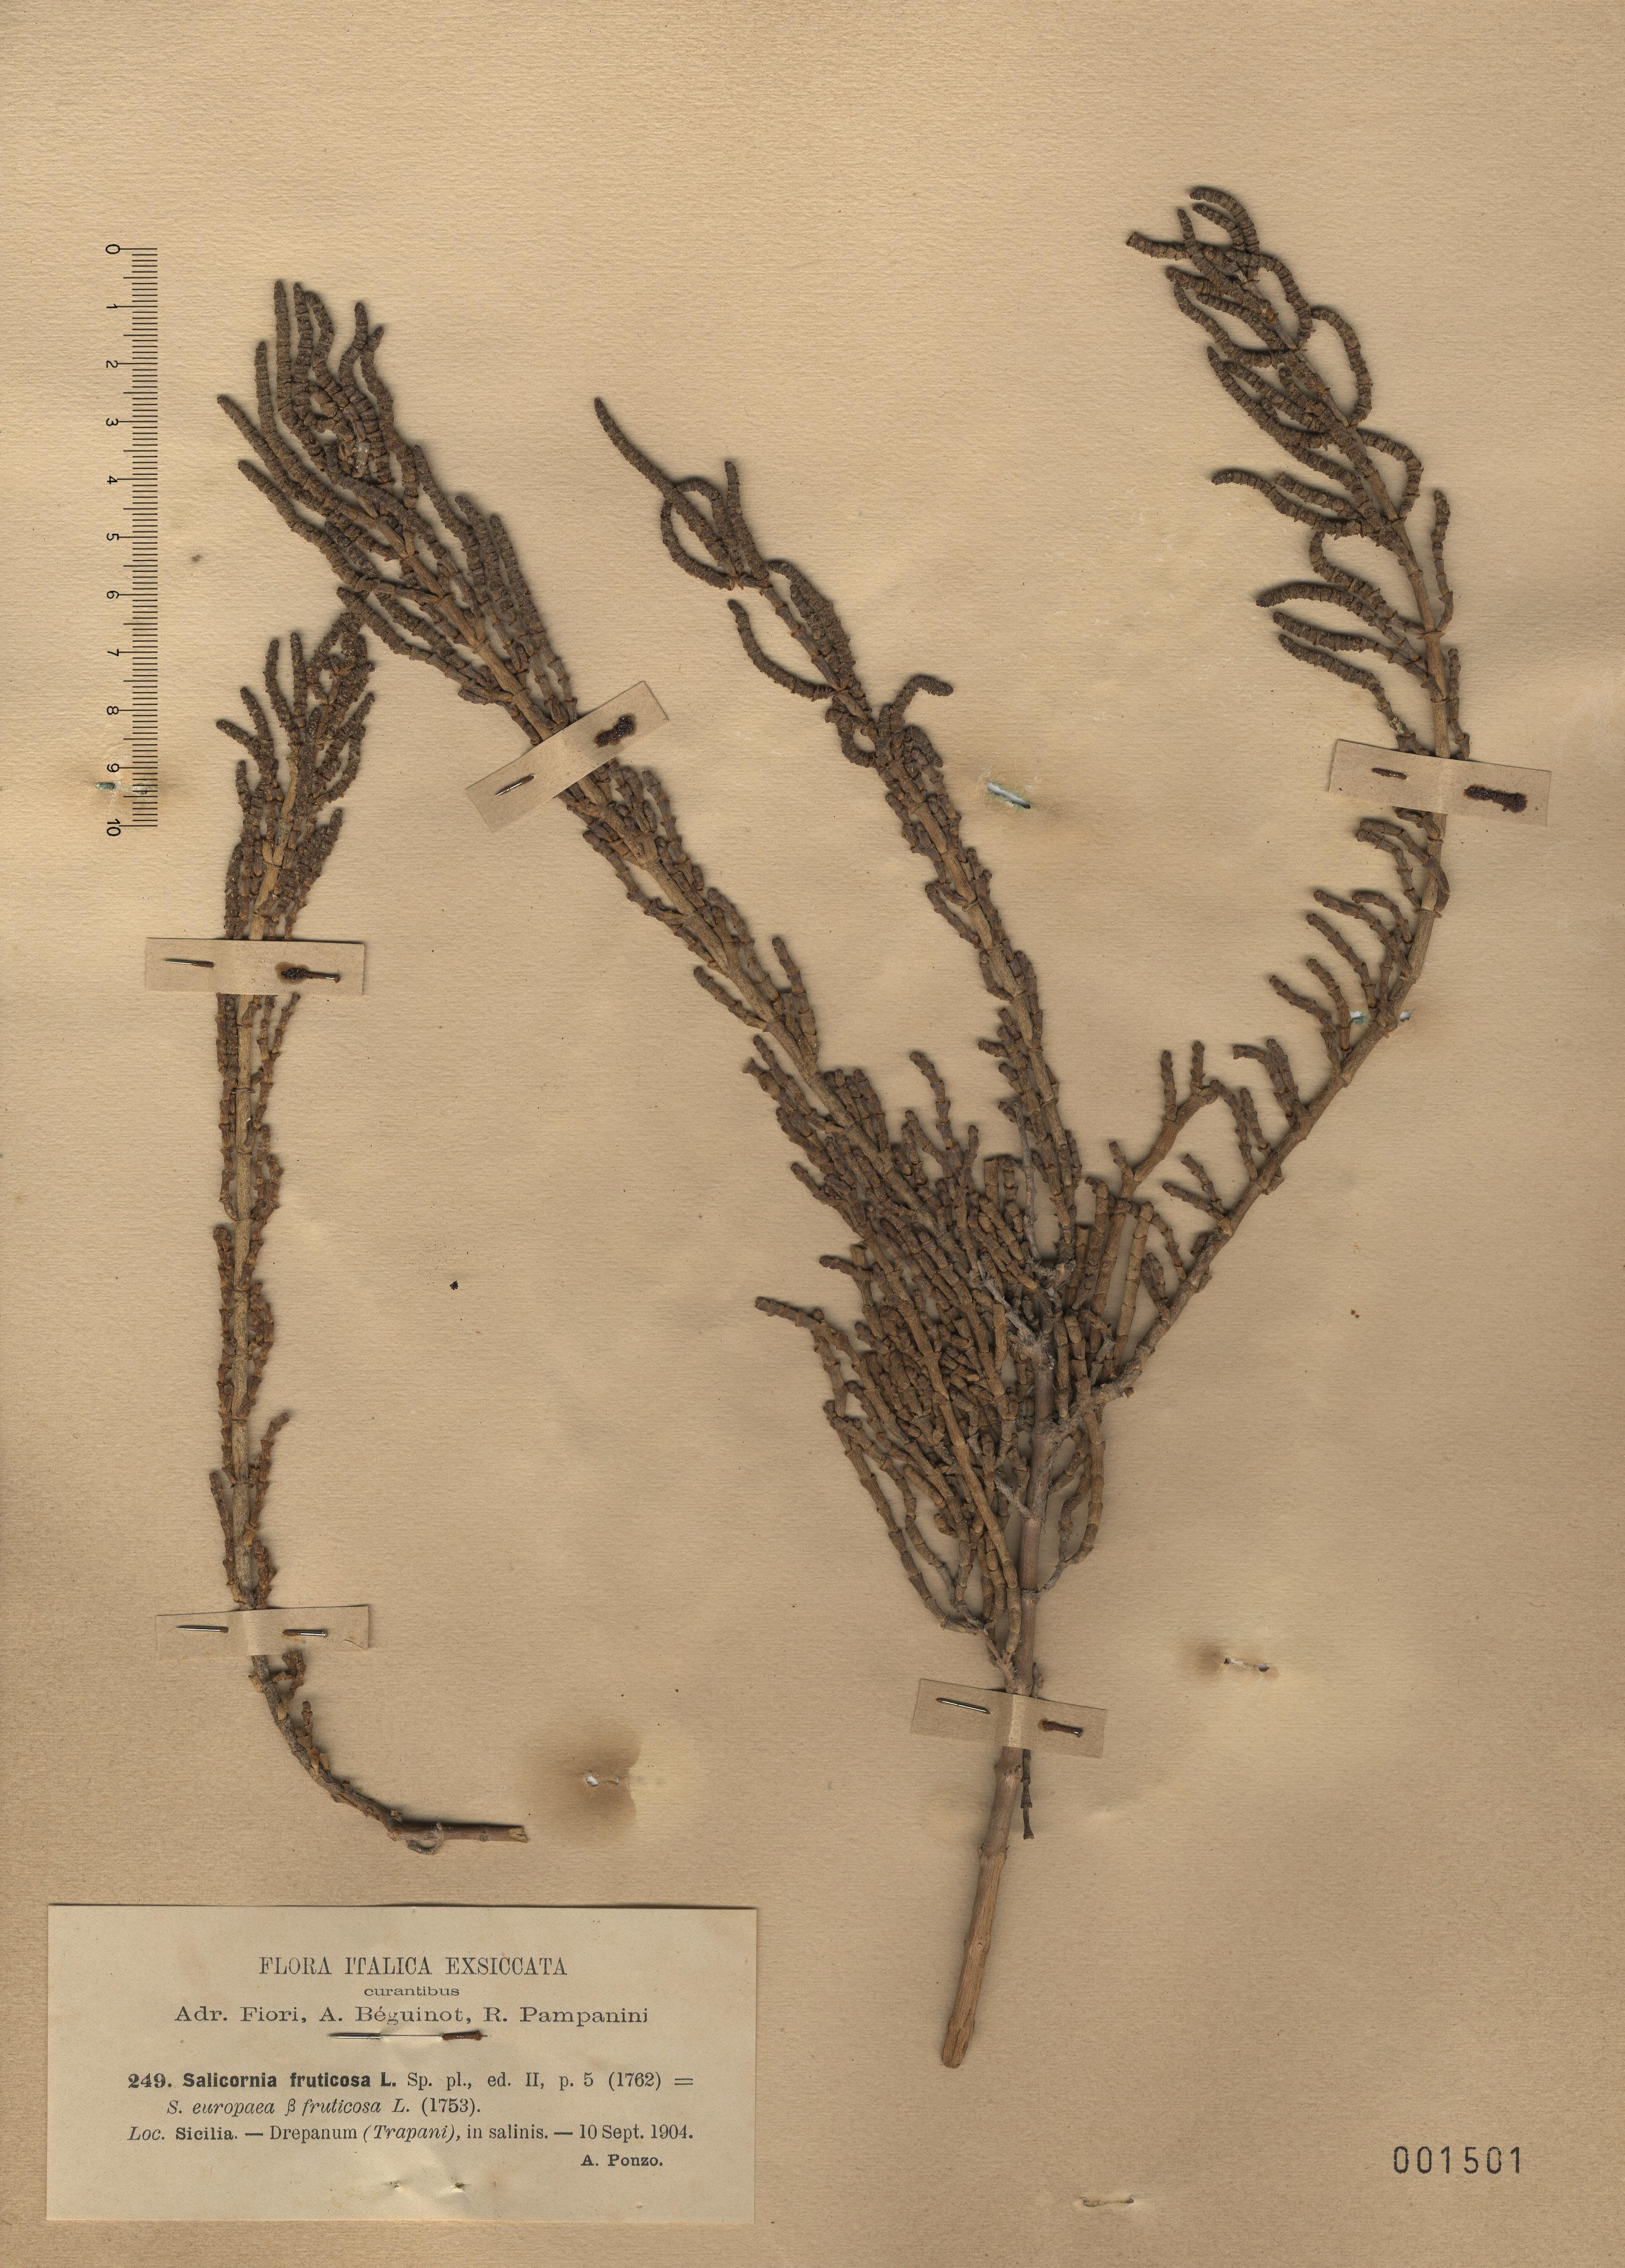 © Hortus Botanicus Catinensis - Herb. sheet 001501<br>